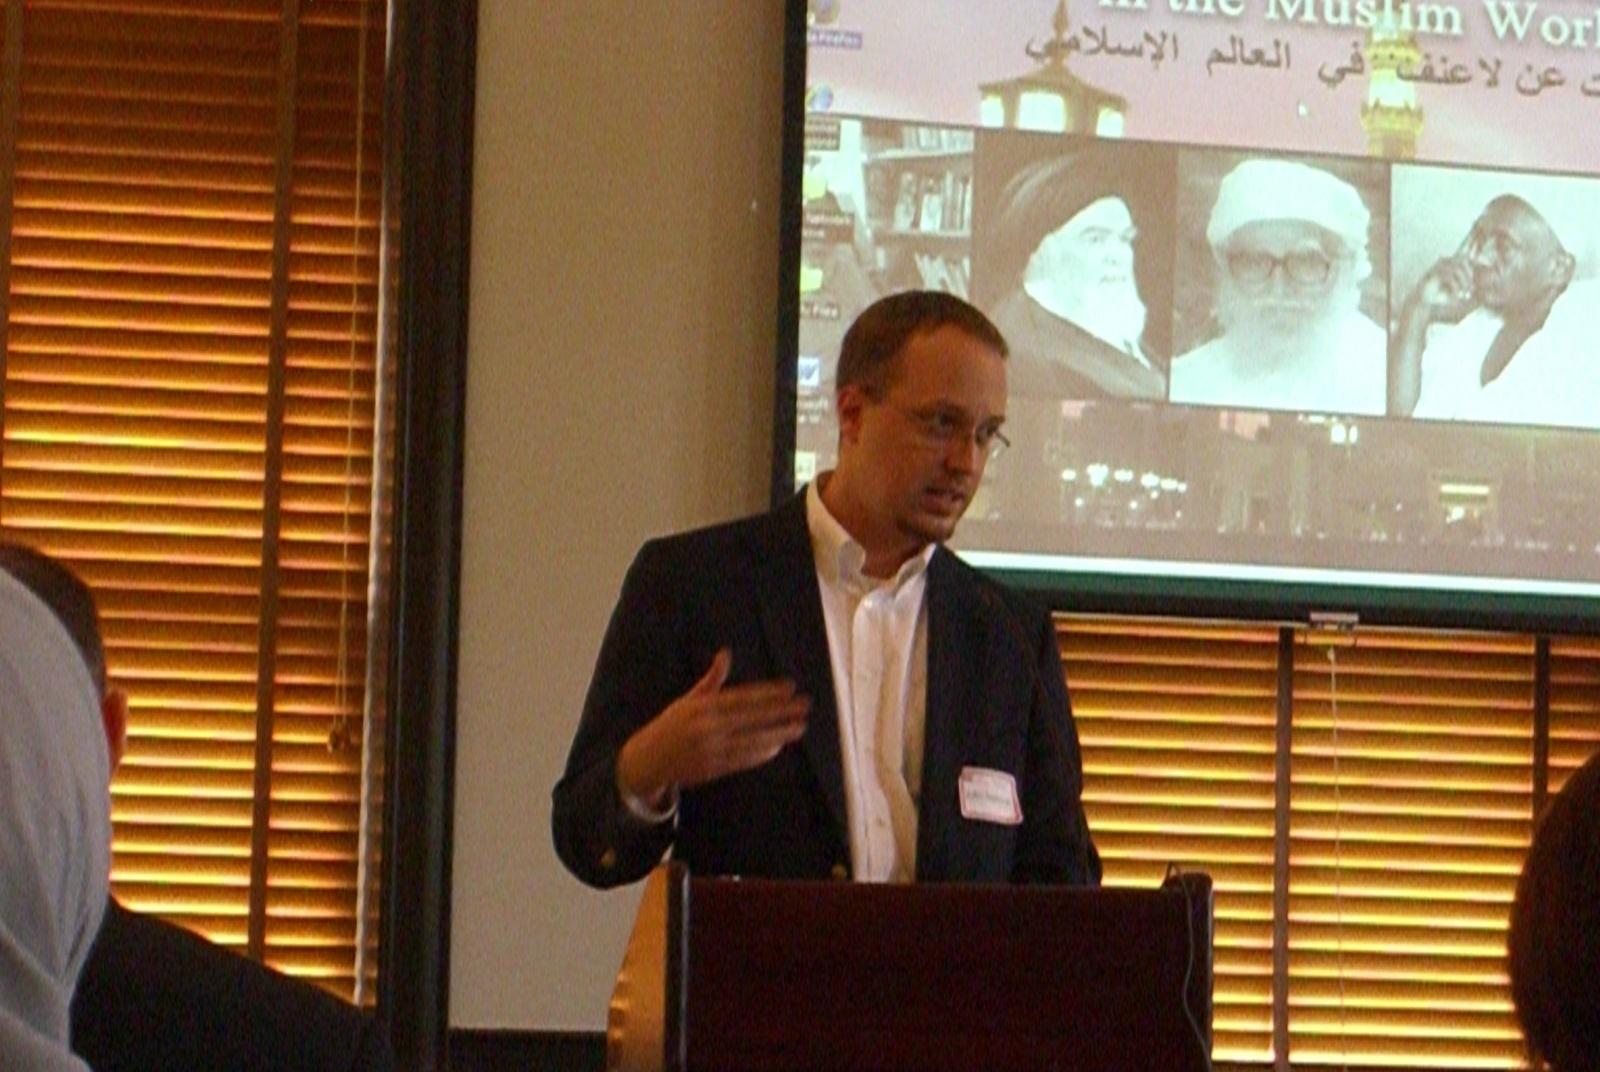 مقاله جفری هالورسون درباره استفاده آمریکا از جریان شیرازی بعنوان اپوزوسیون مذهبی علیه ایران + دانلود